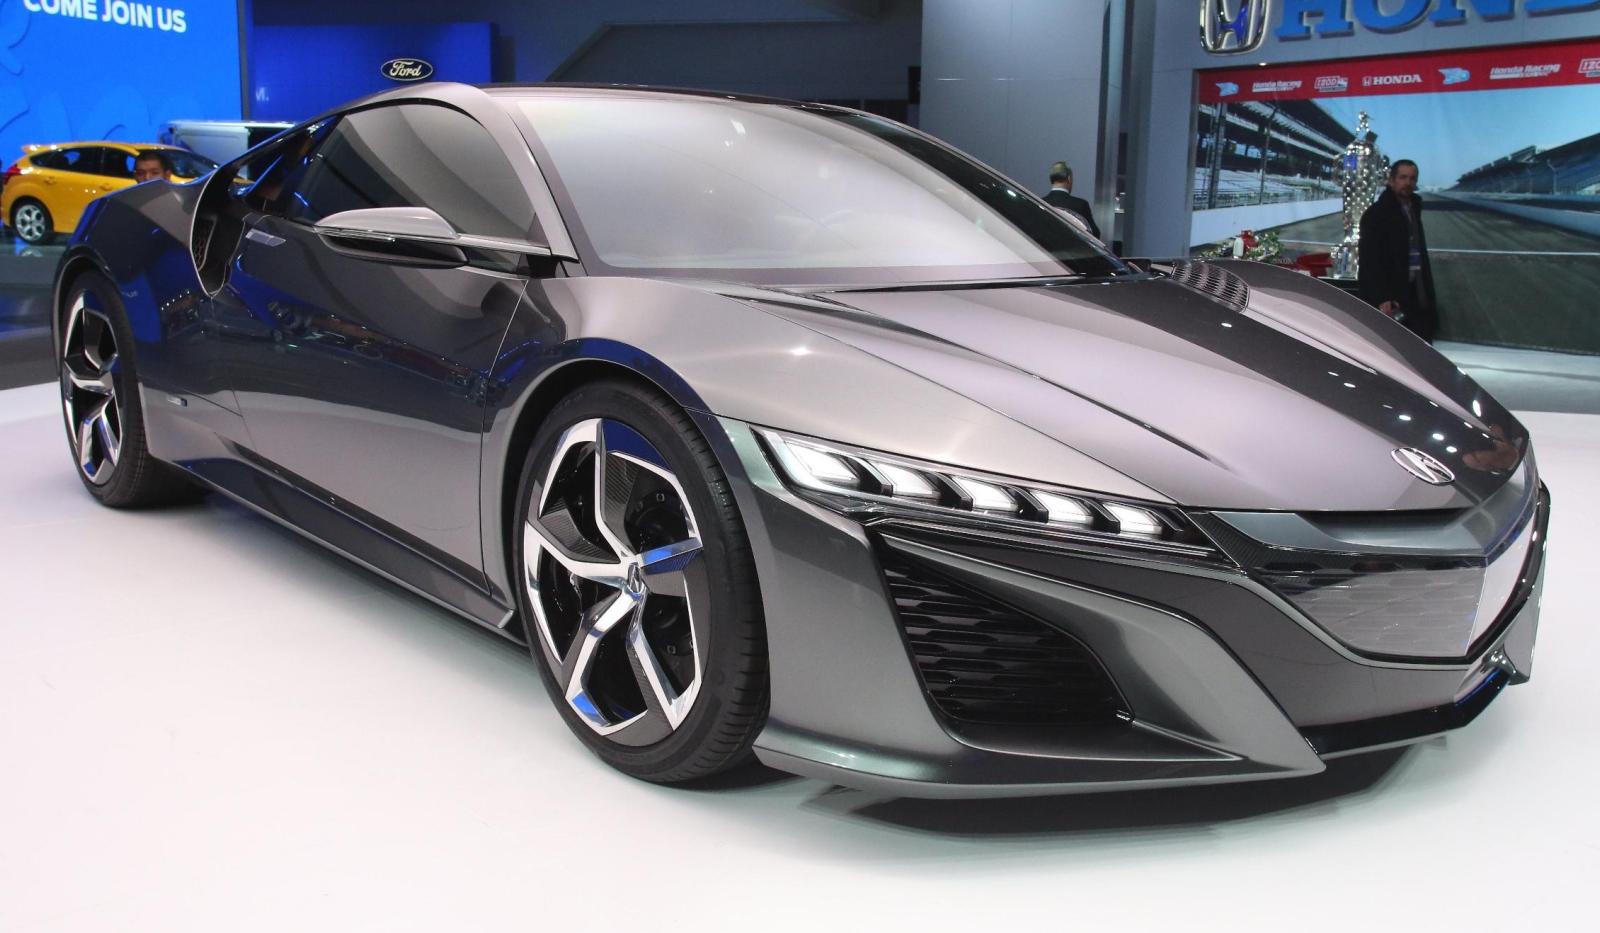 Detroit 2013 Acura Nsx Concept Gtspirit